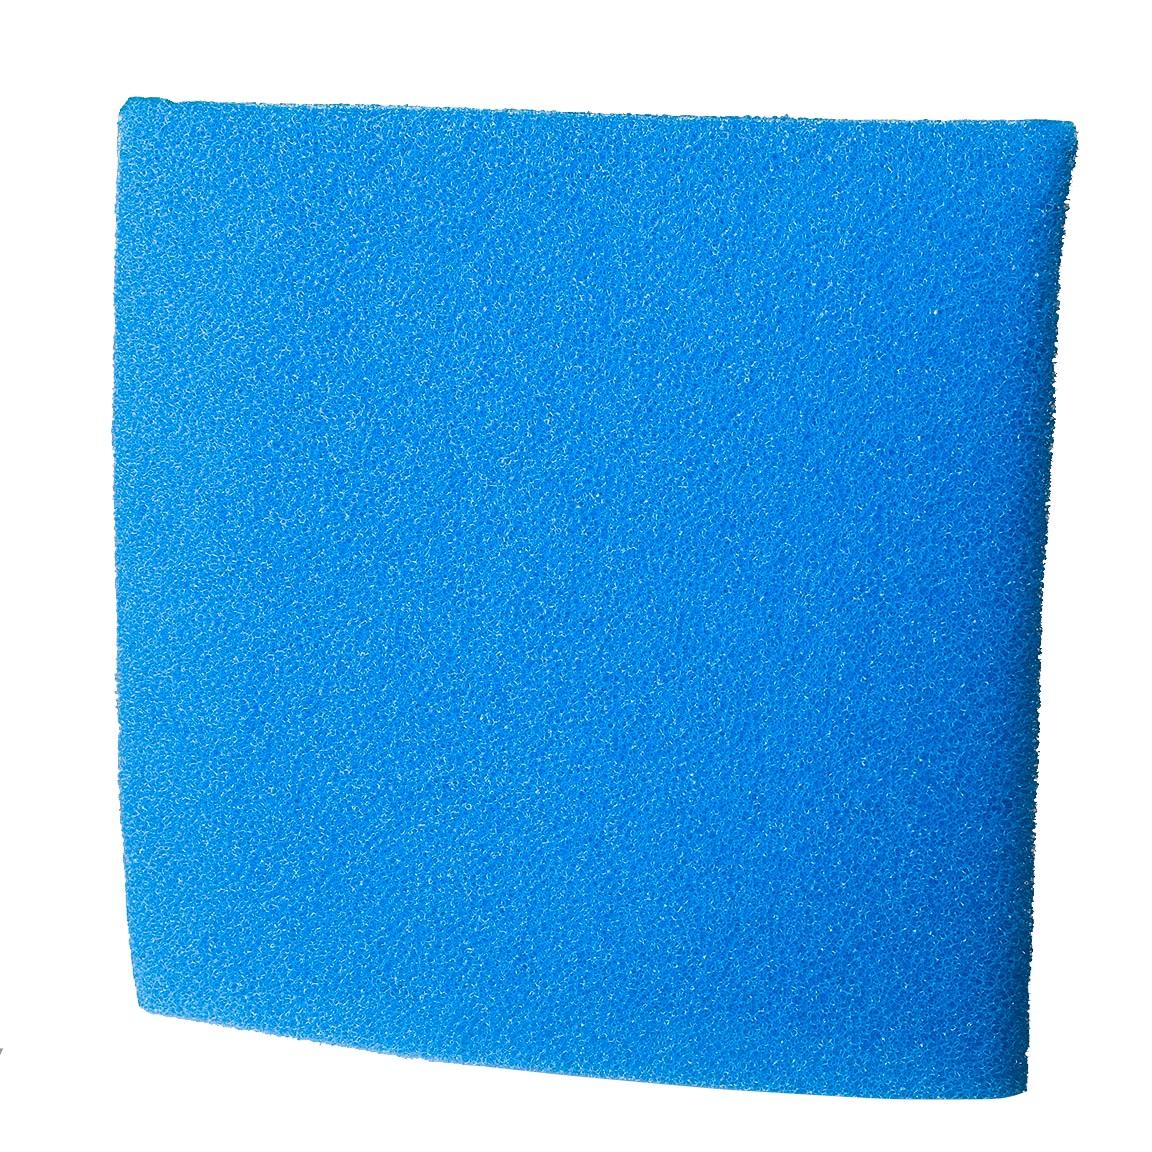 Принадлежности к промышленным пылесосам ИНТЕРСКОЛ Фильтр FSS 1200 для пылесосов (влажная уборка)